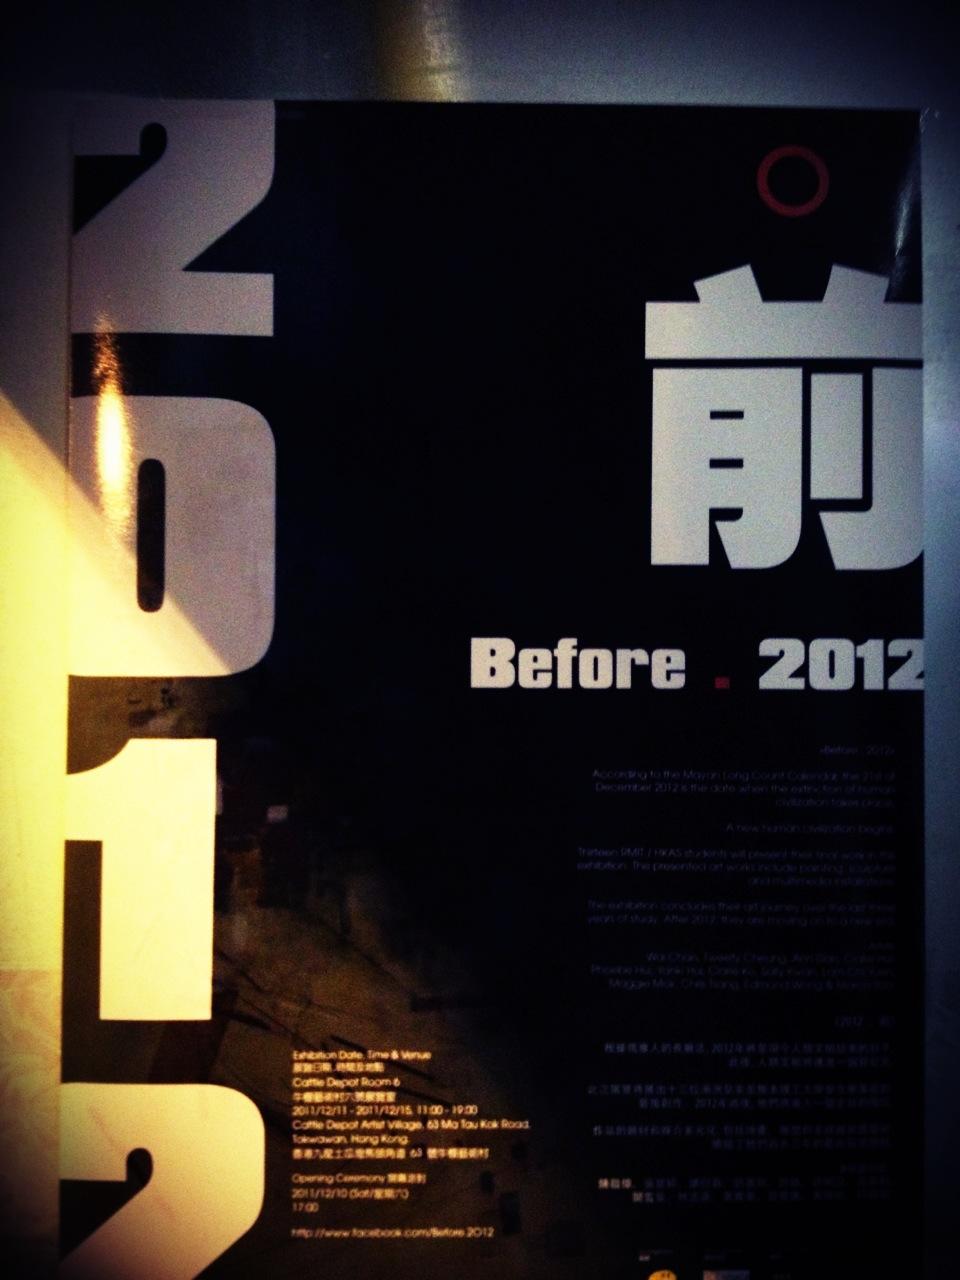 腦作大業 092 - Before 2012